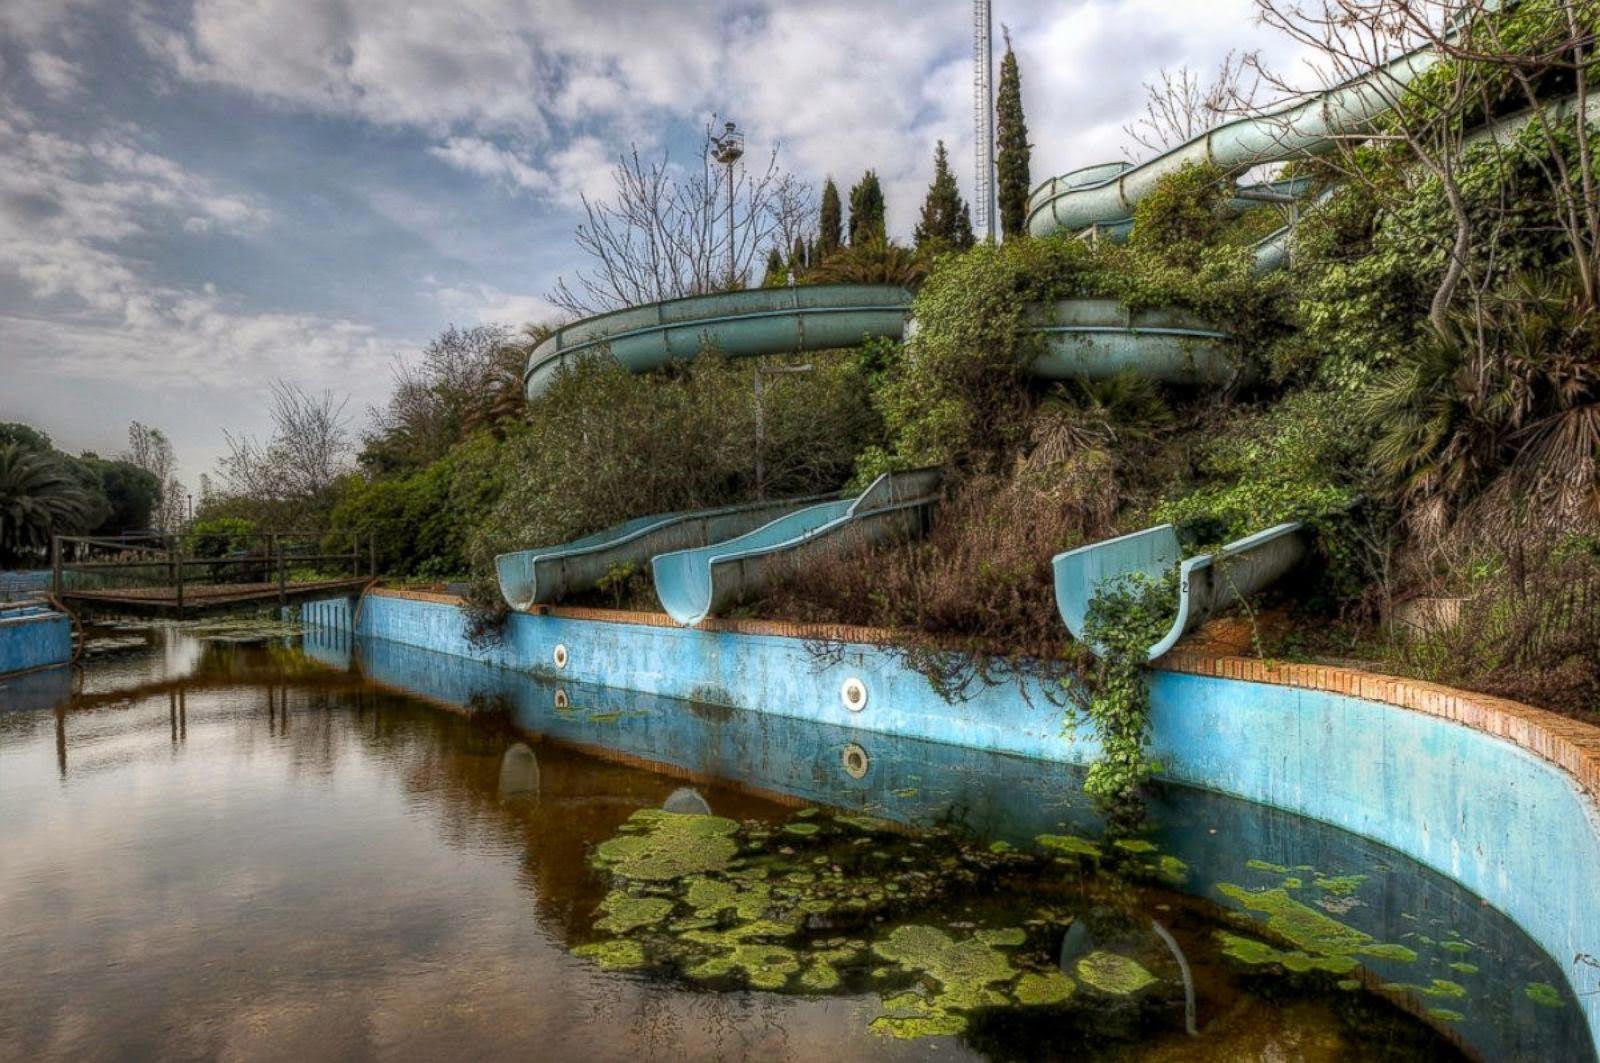 Заброшенный аквапарк быстро зарастает (Вьетнам)